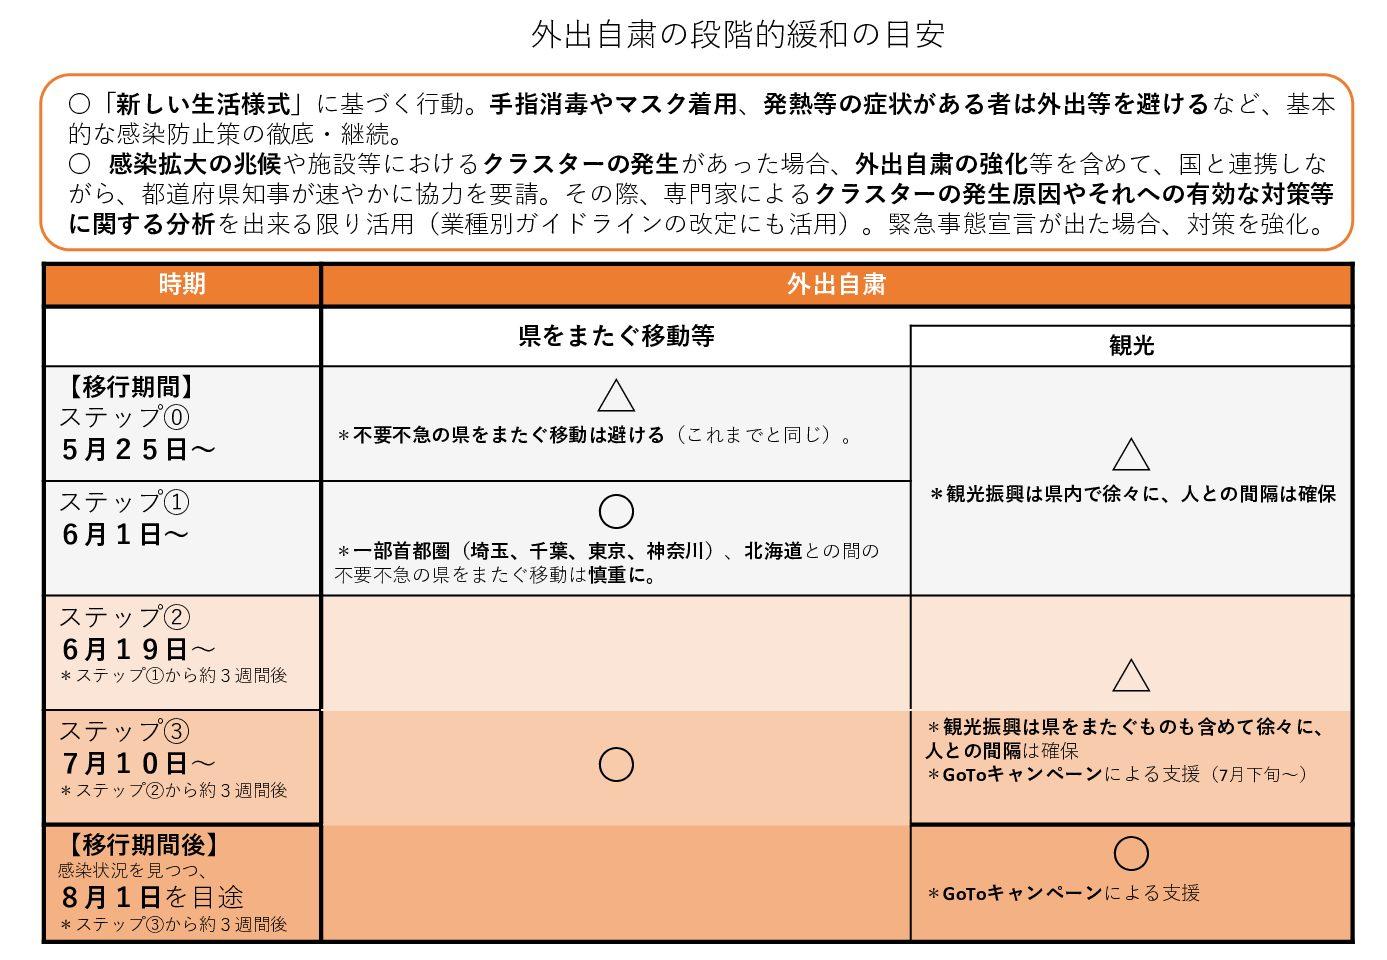 【お知らせ】外出自粛の段階的緩和の目安(熊本県)